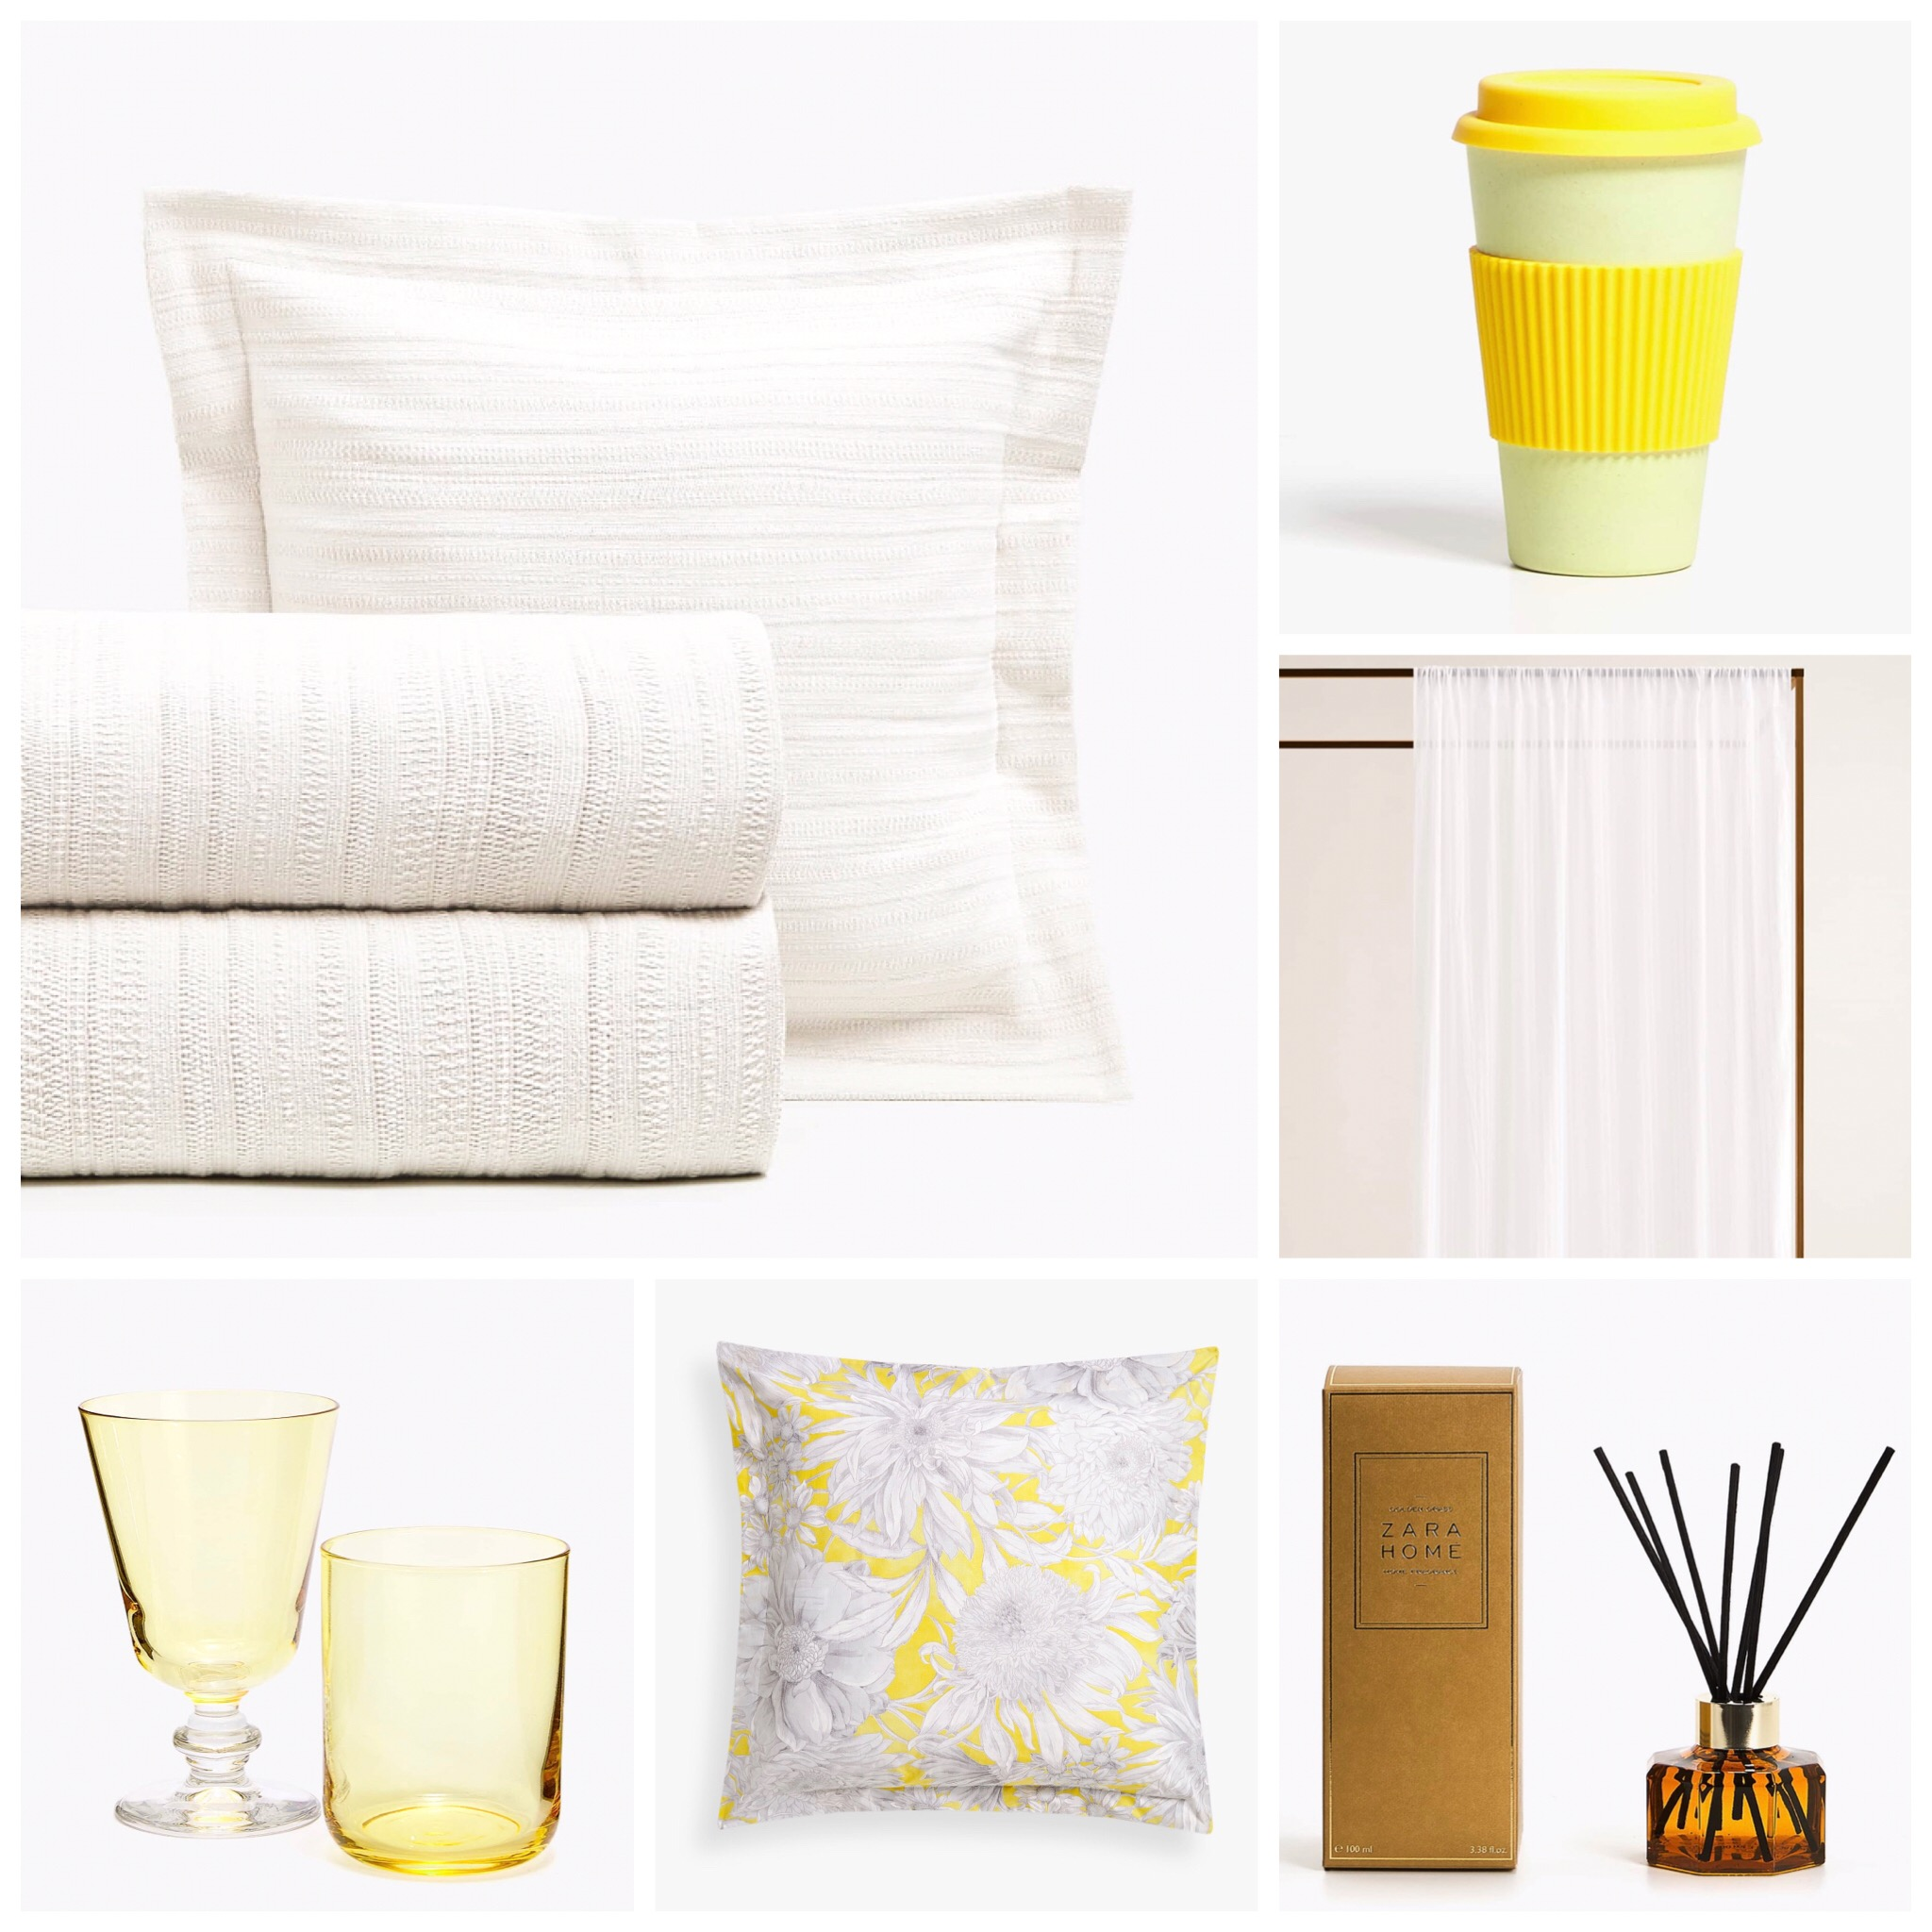 Seleccion Articulos Rebajas Verano de Zara Home